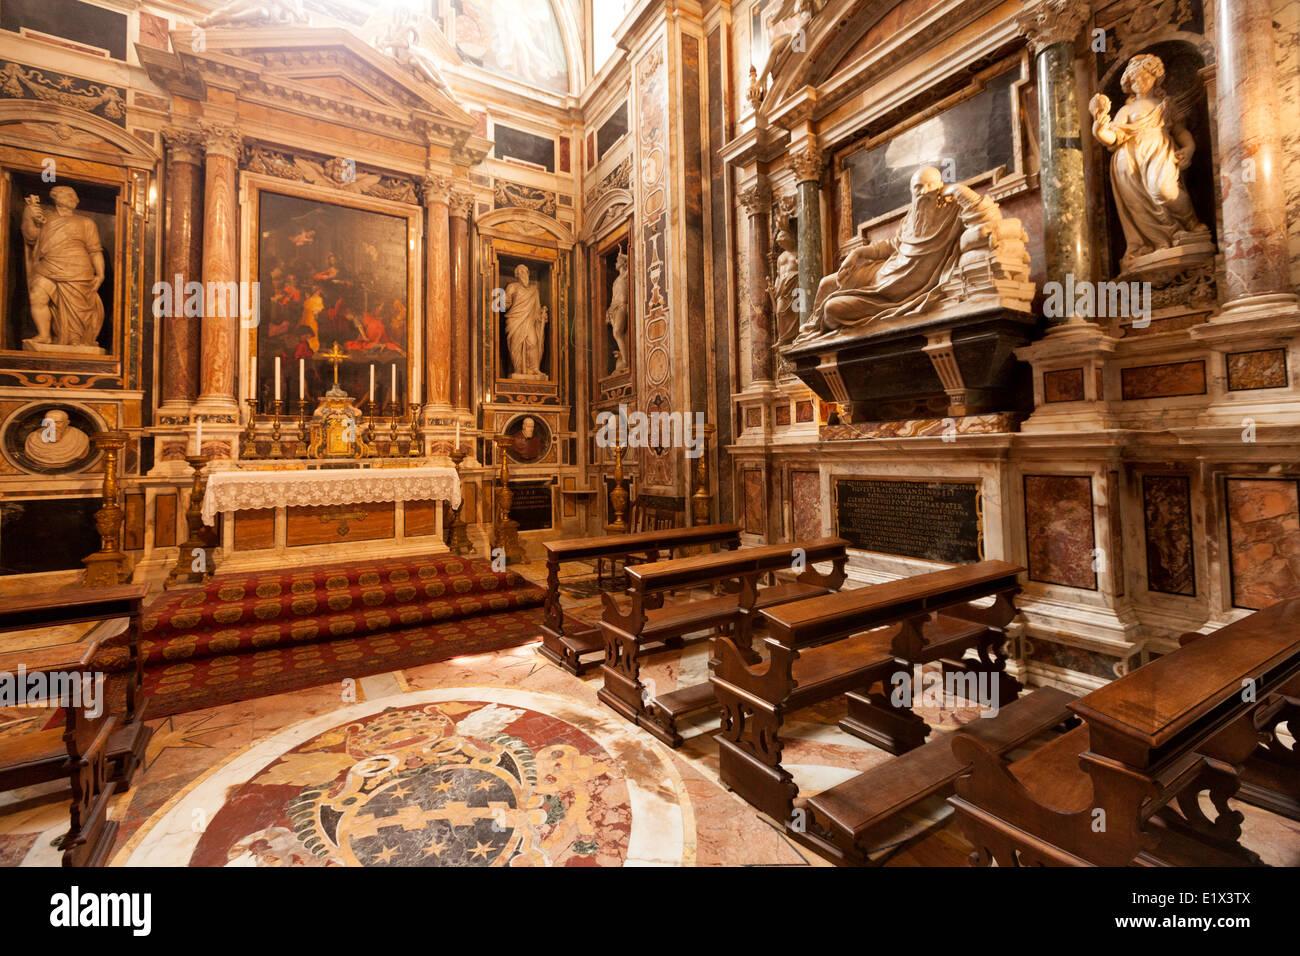 La Cappella Aldobrandini, o Capilla Aldobrandini, interior de la Iglesia de Santa Maria Sopra Minerva, Roma Italia Foto de stock